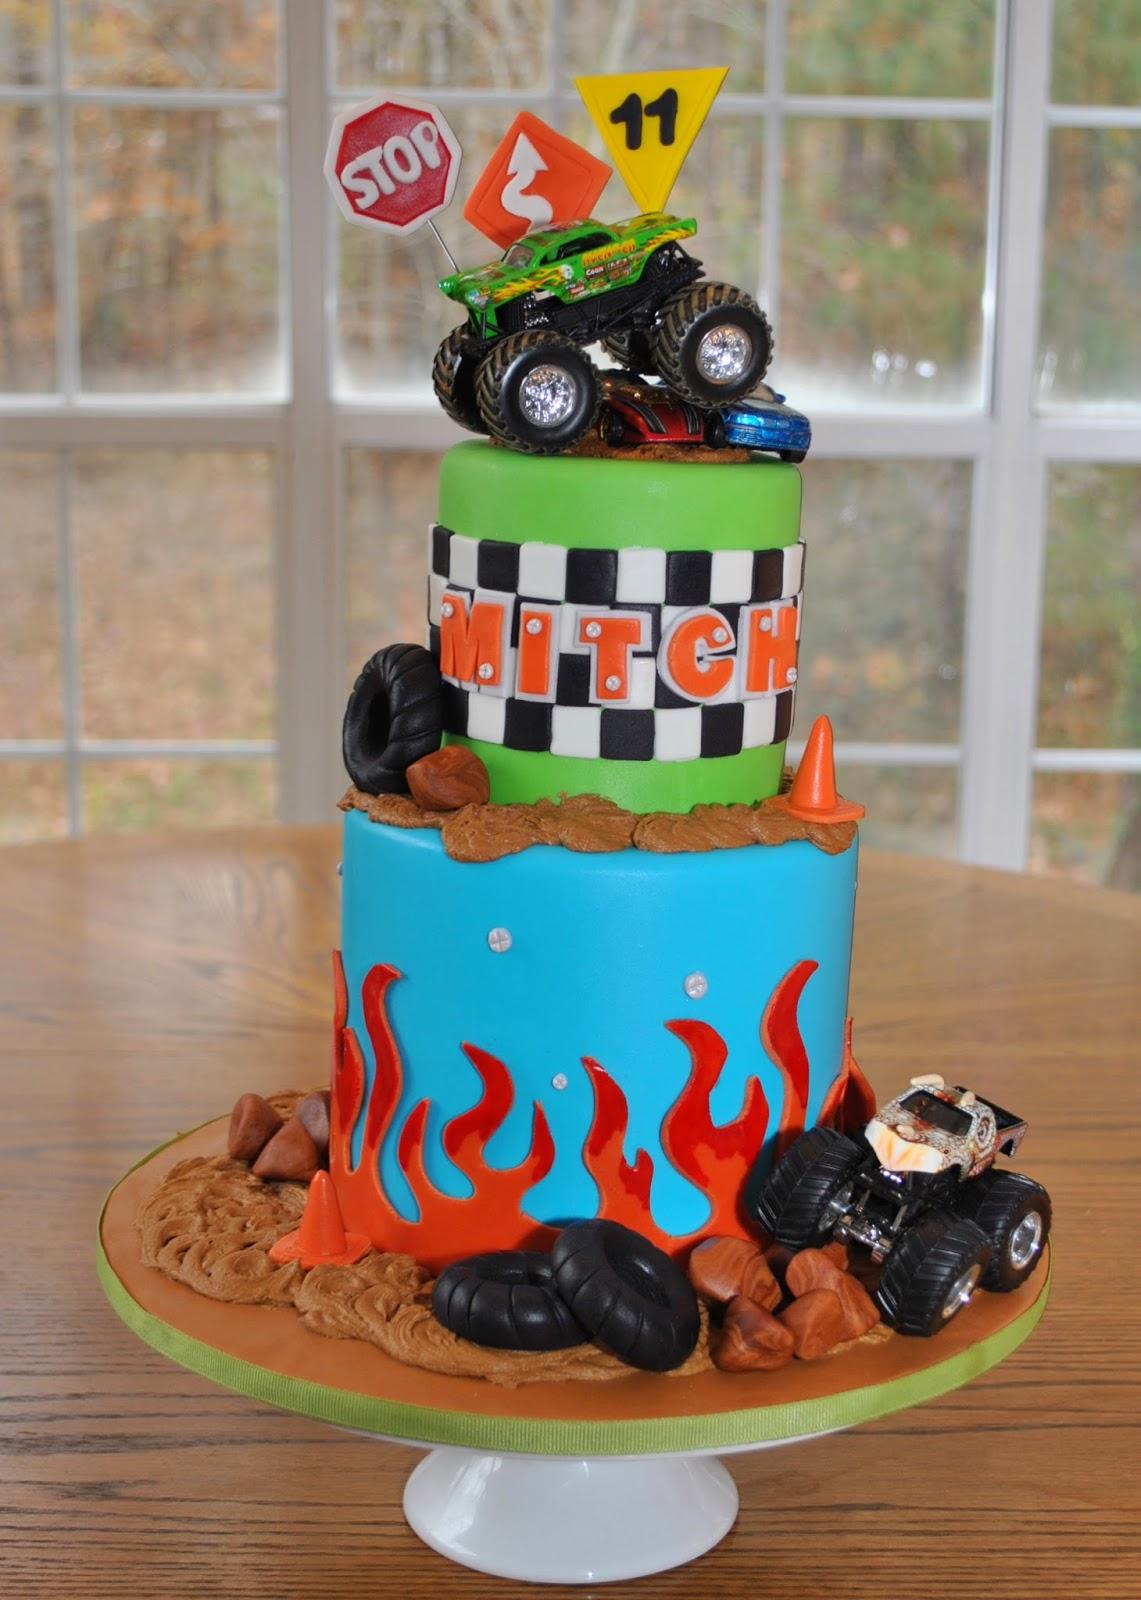 Hope S Sweet Cakes Finishing Up The Year